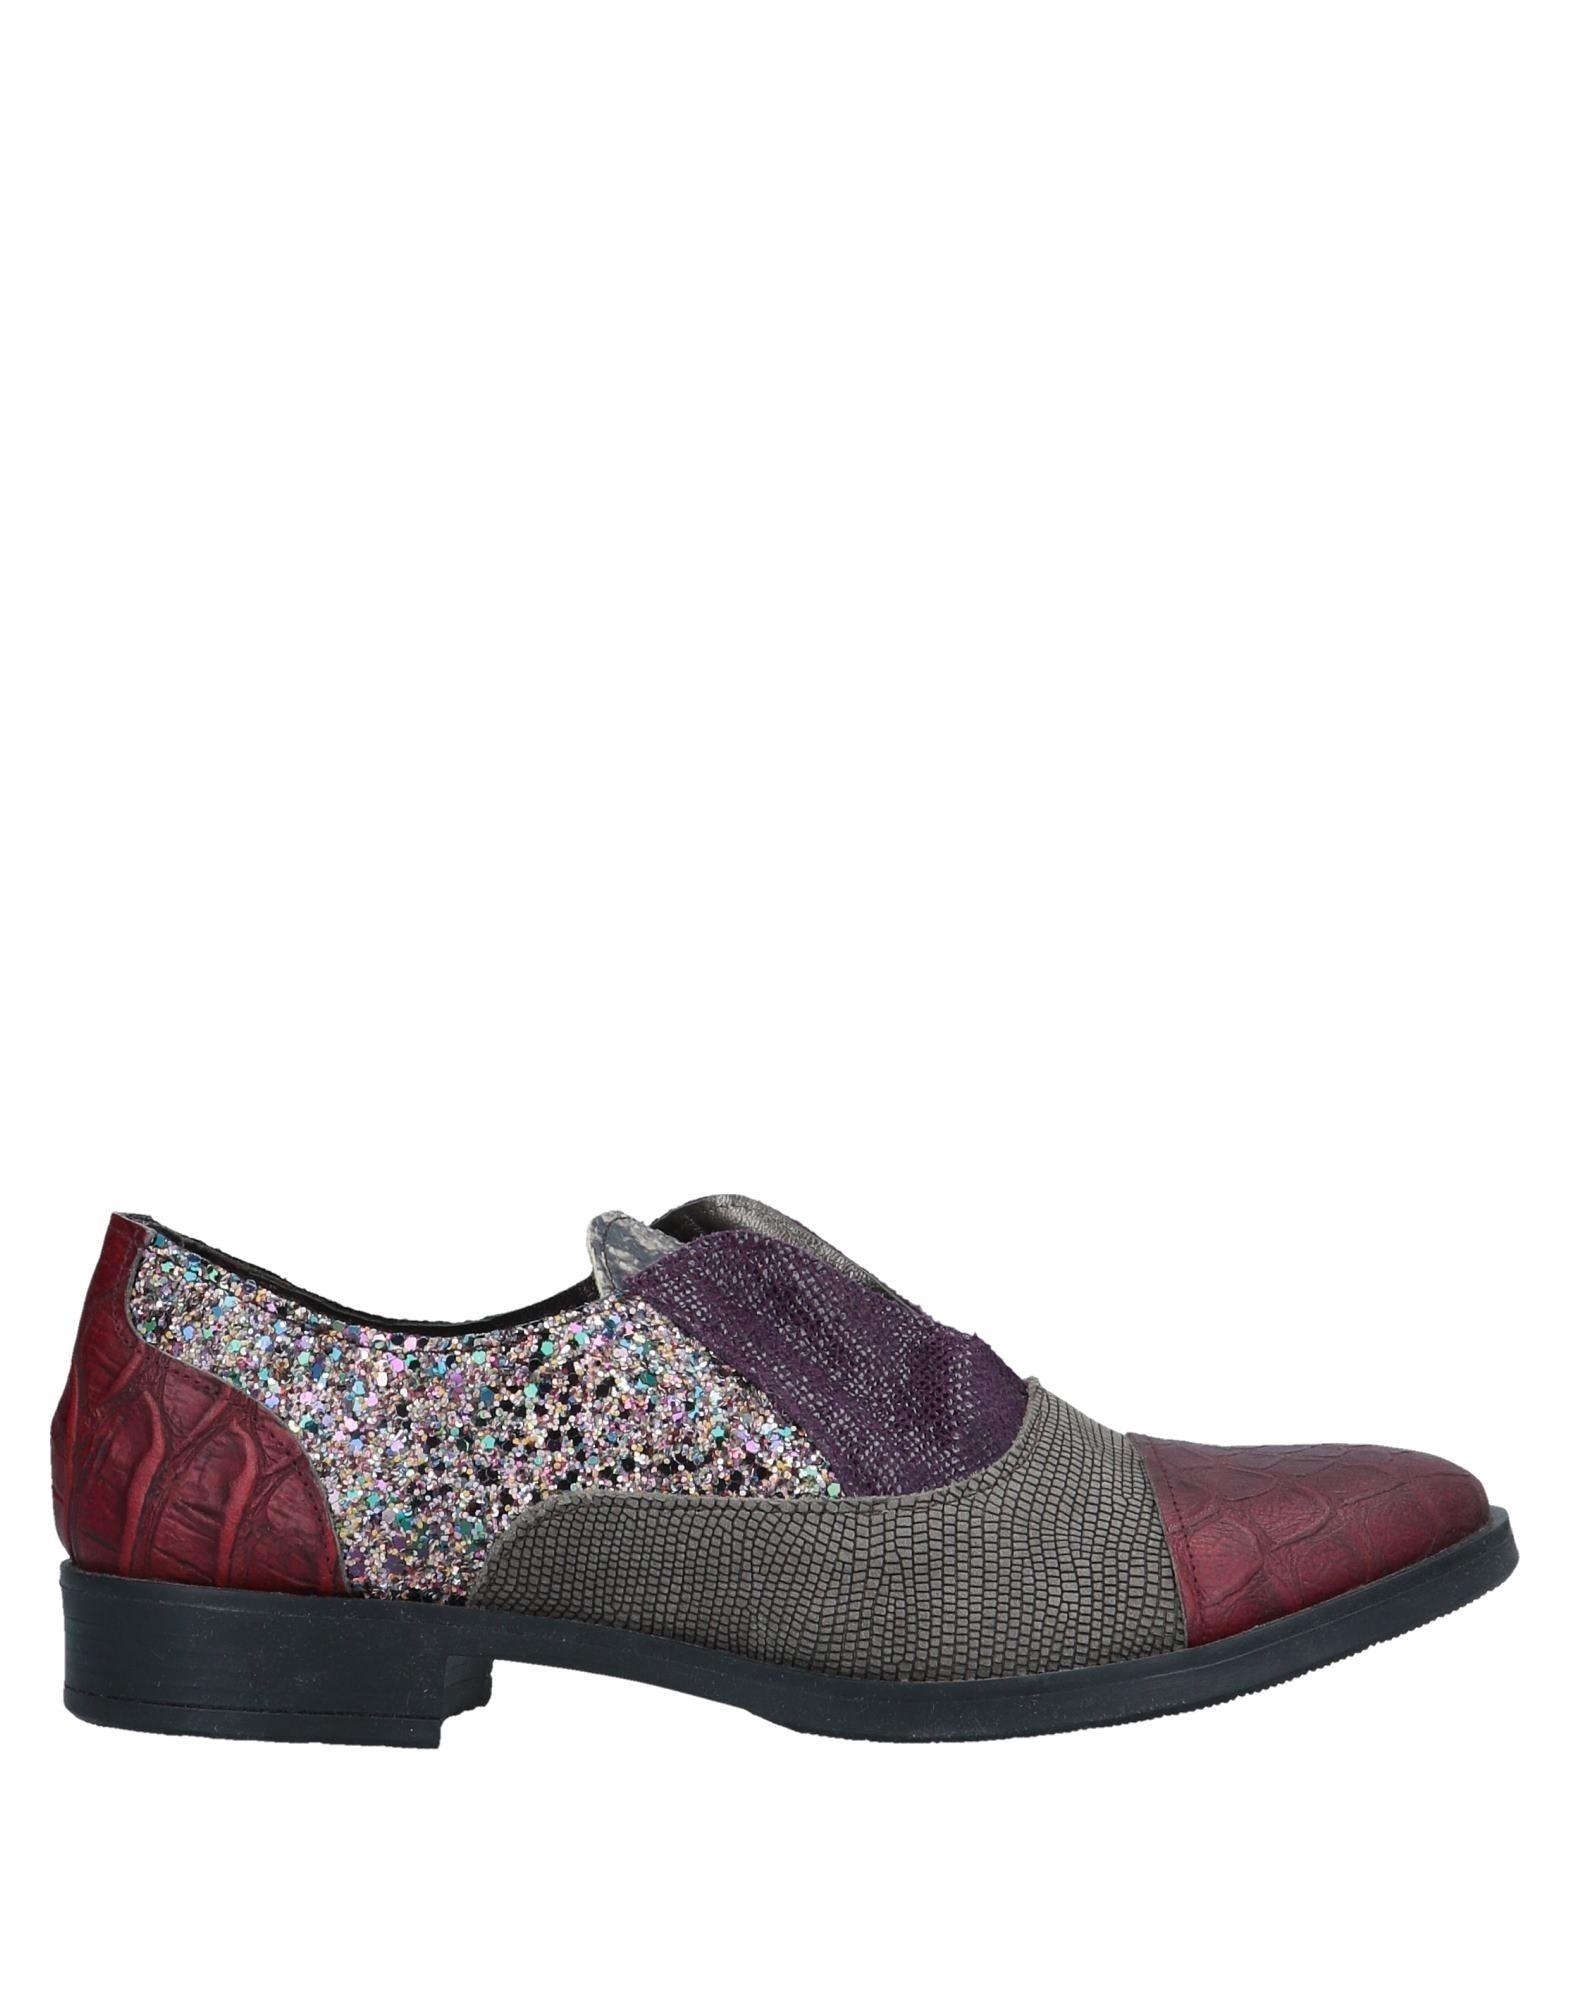 Ebarrito Mokassins Damen  Schuhe 11554629CE Gute Qualität beliebte Schuhe  ce55cc